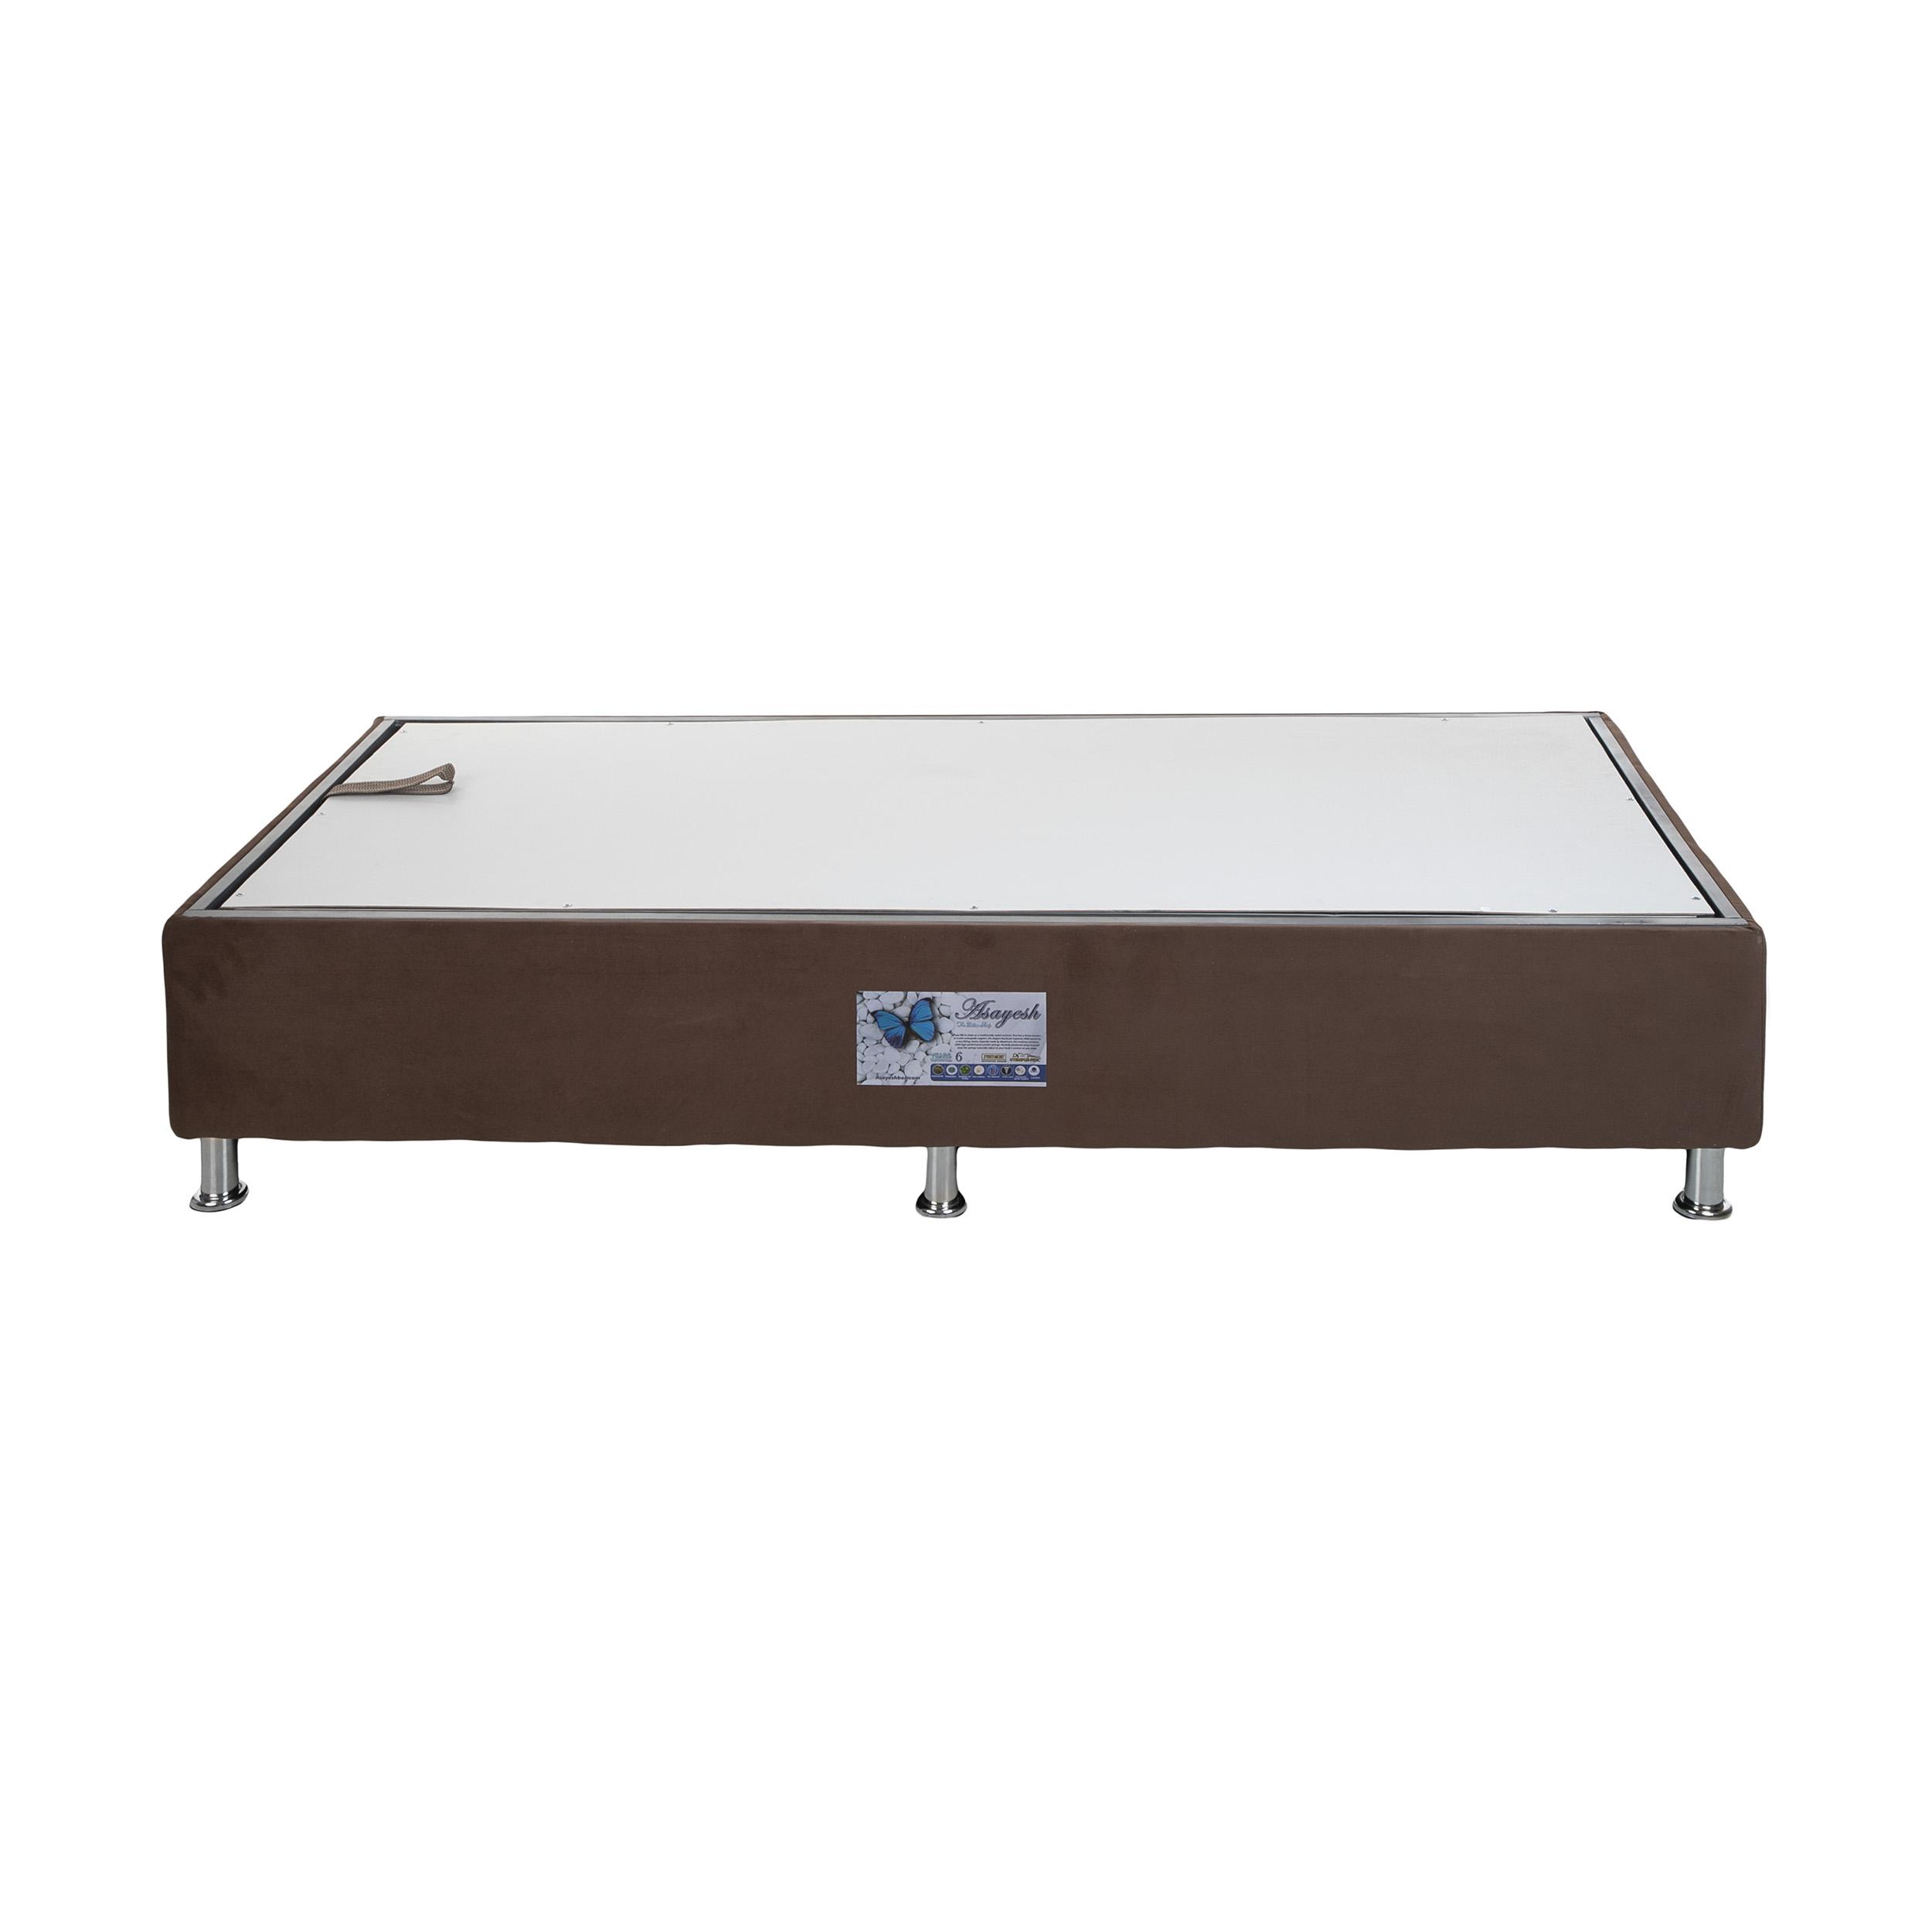 تخت خواب دو نفره مدل AKA160 سایز 200 × 160 سانتی متر